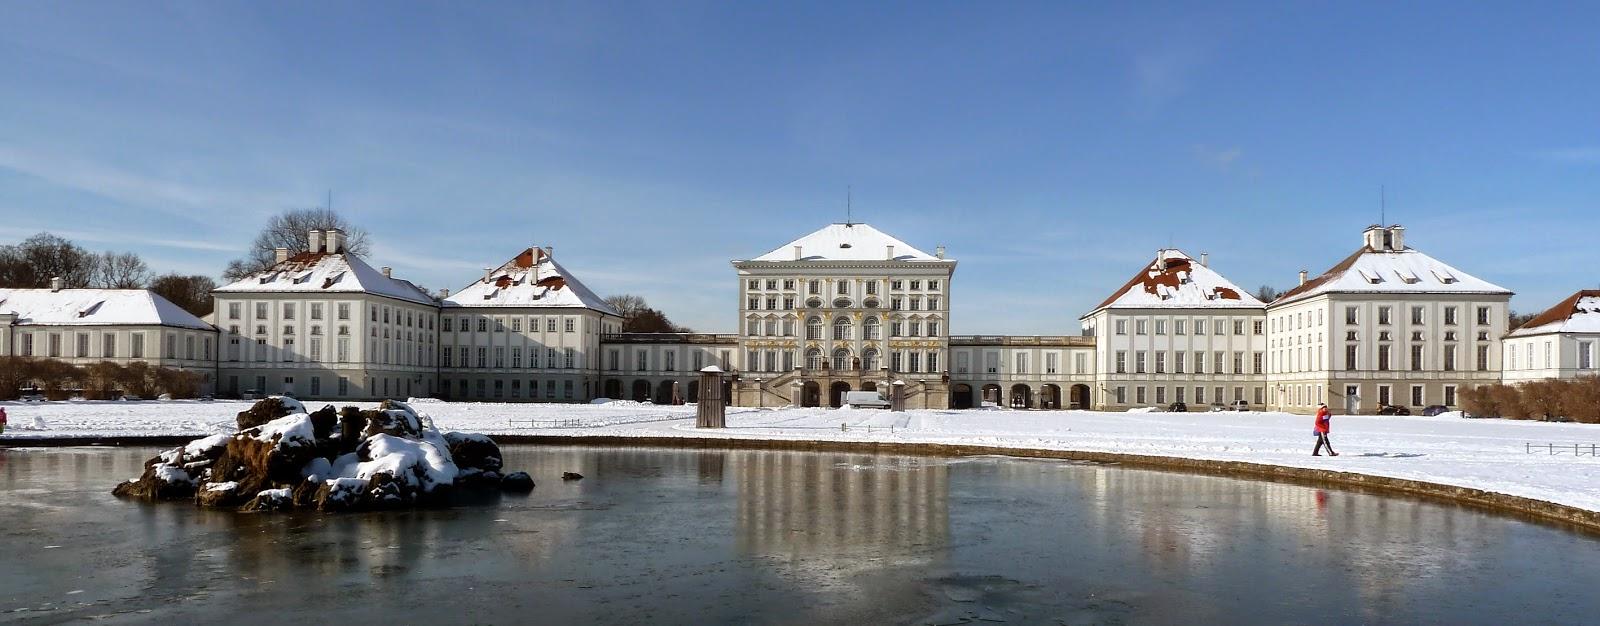 Chateau Nymphenburg, la résidence d'été des rois de Bavière à Munich 23